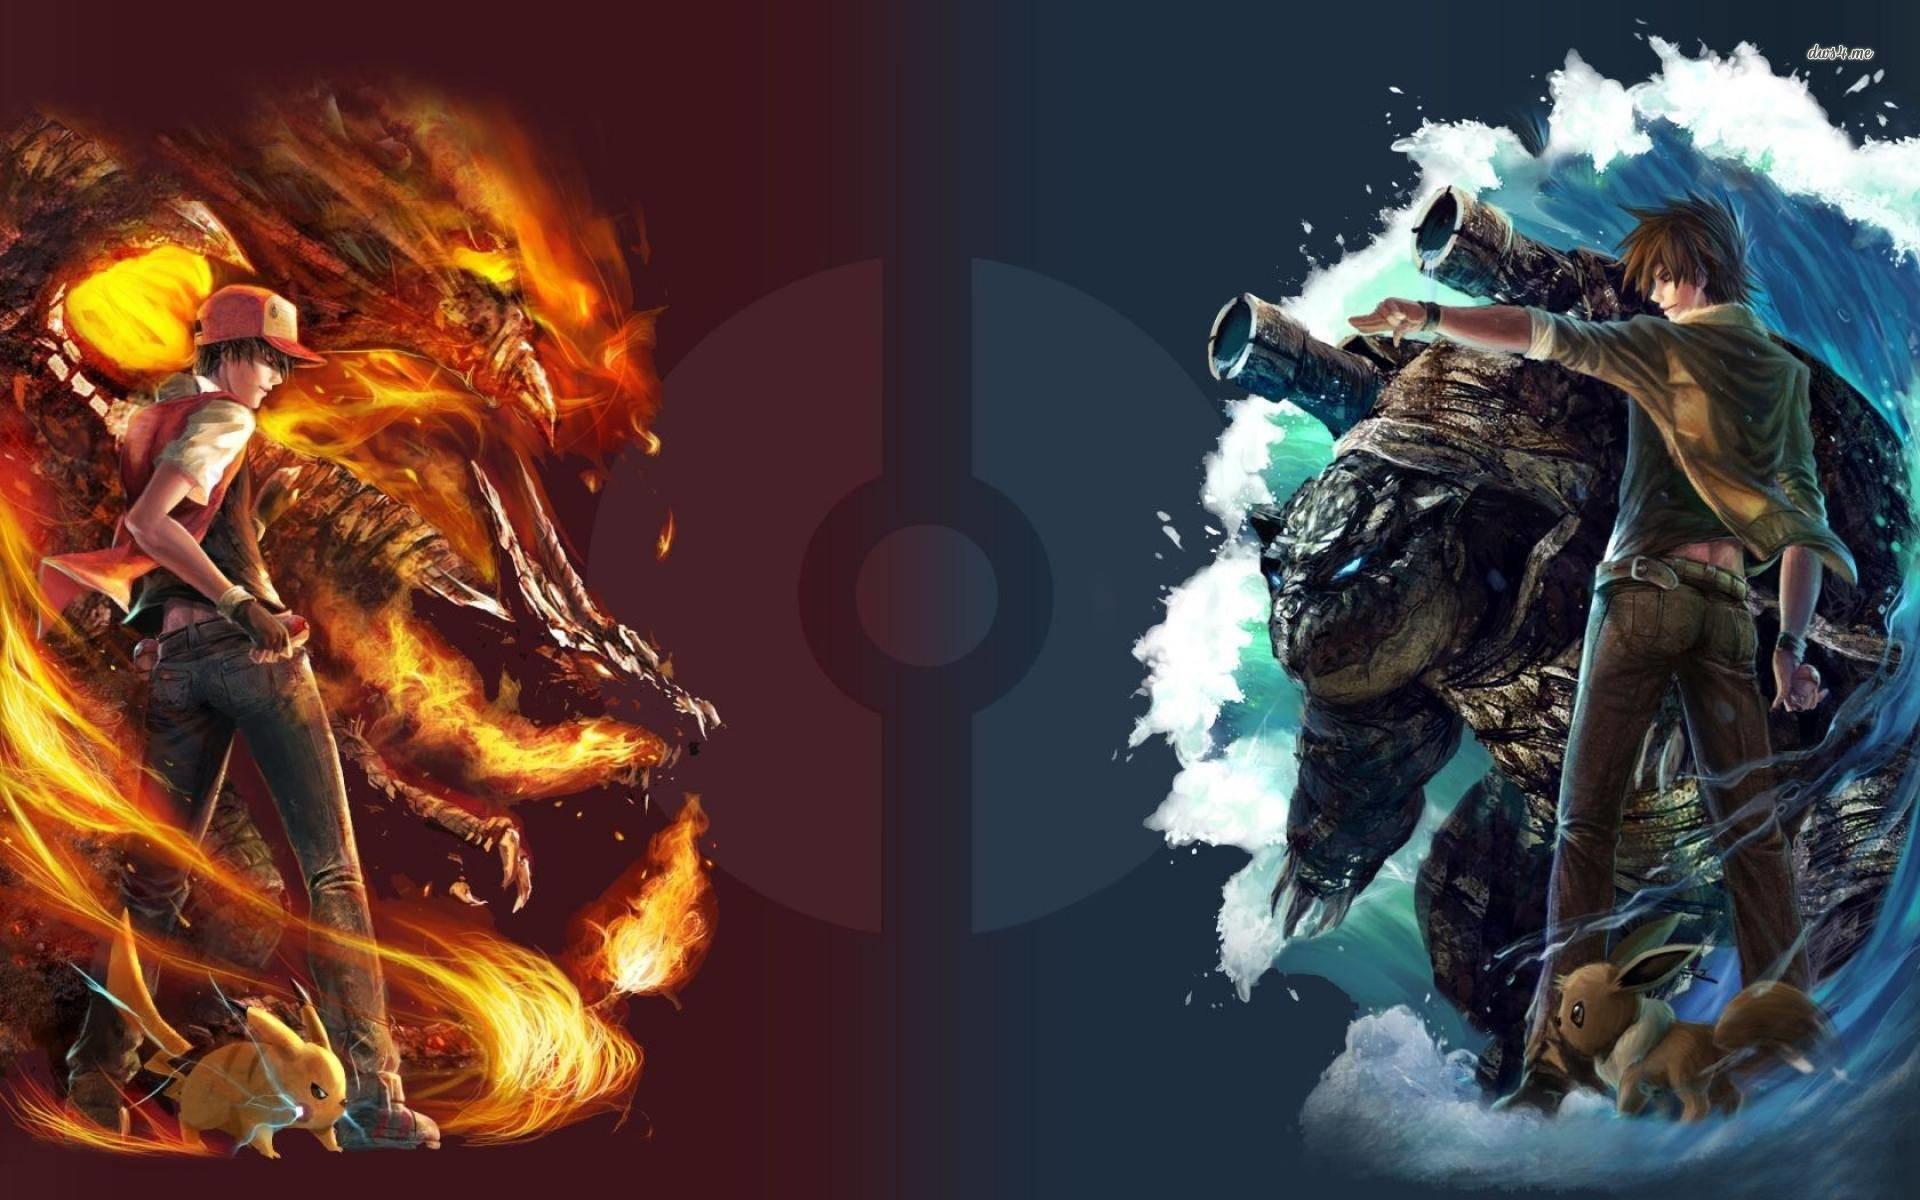 red vs blue – Pokemon Wallpaper